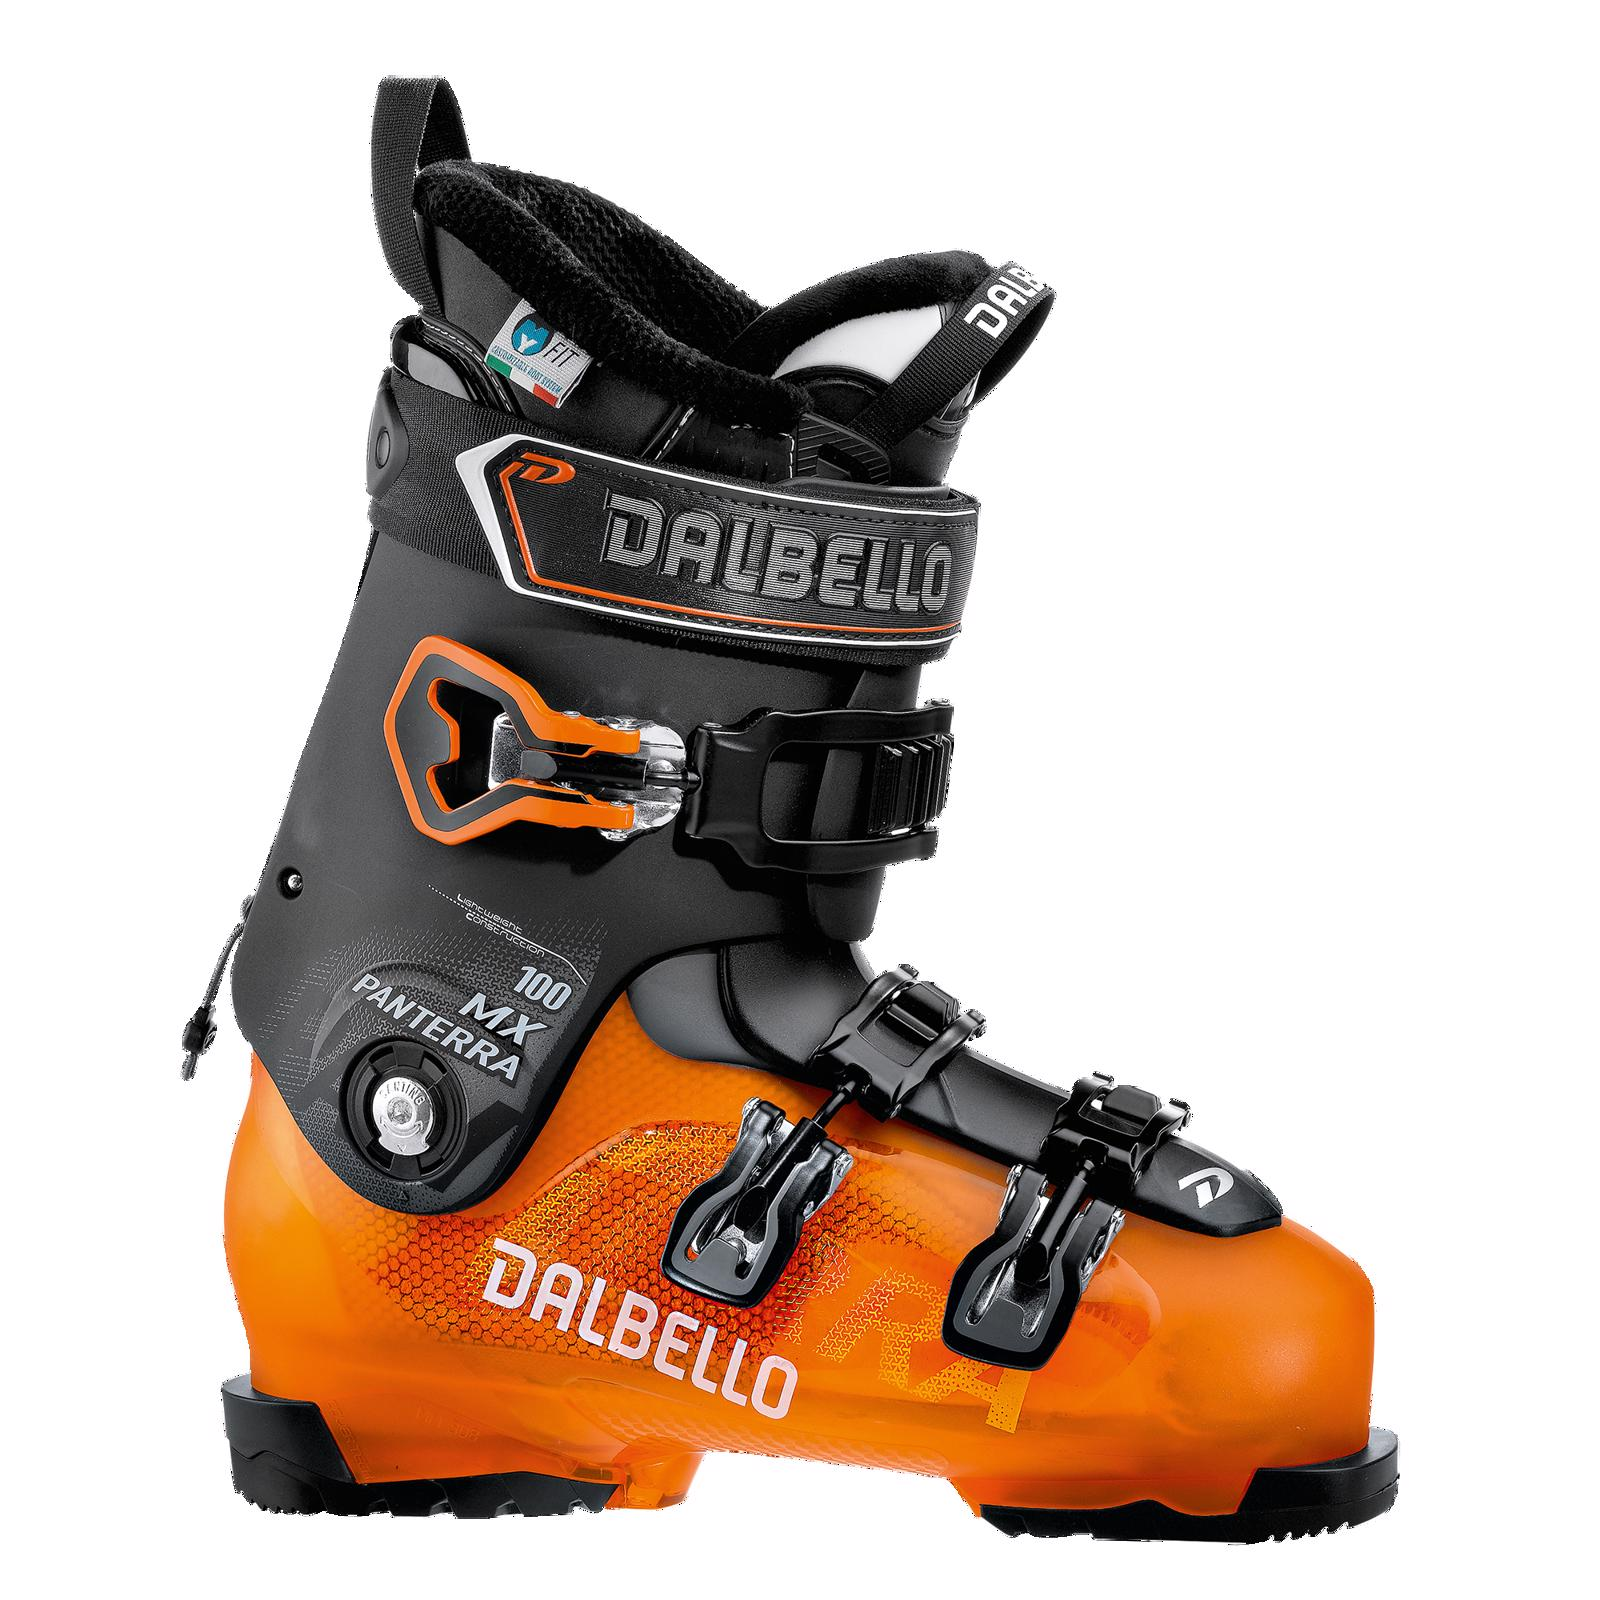 Dalbello Panterra 100 Ski Boots 2018 - size 30.5